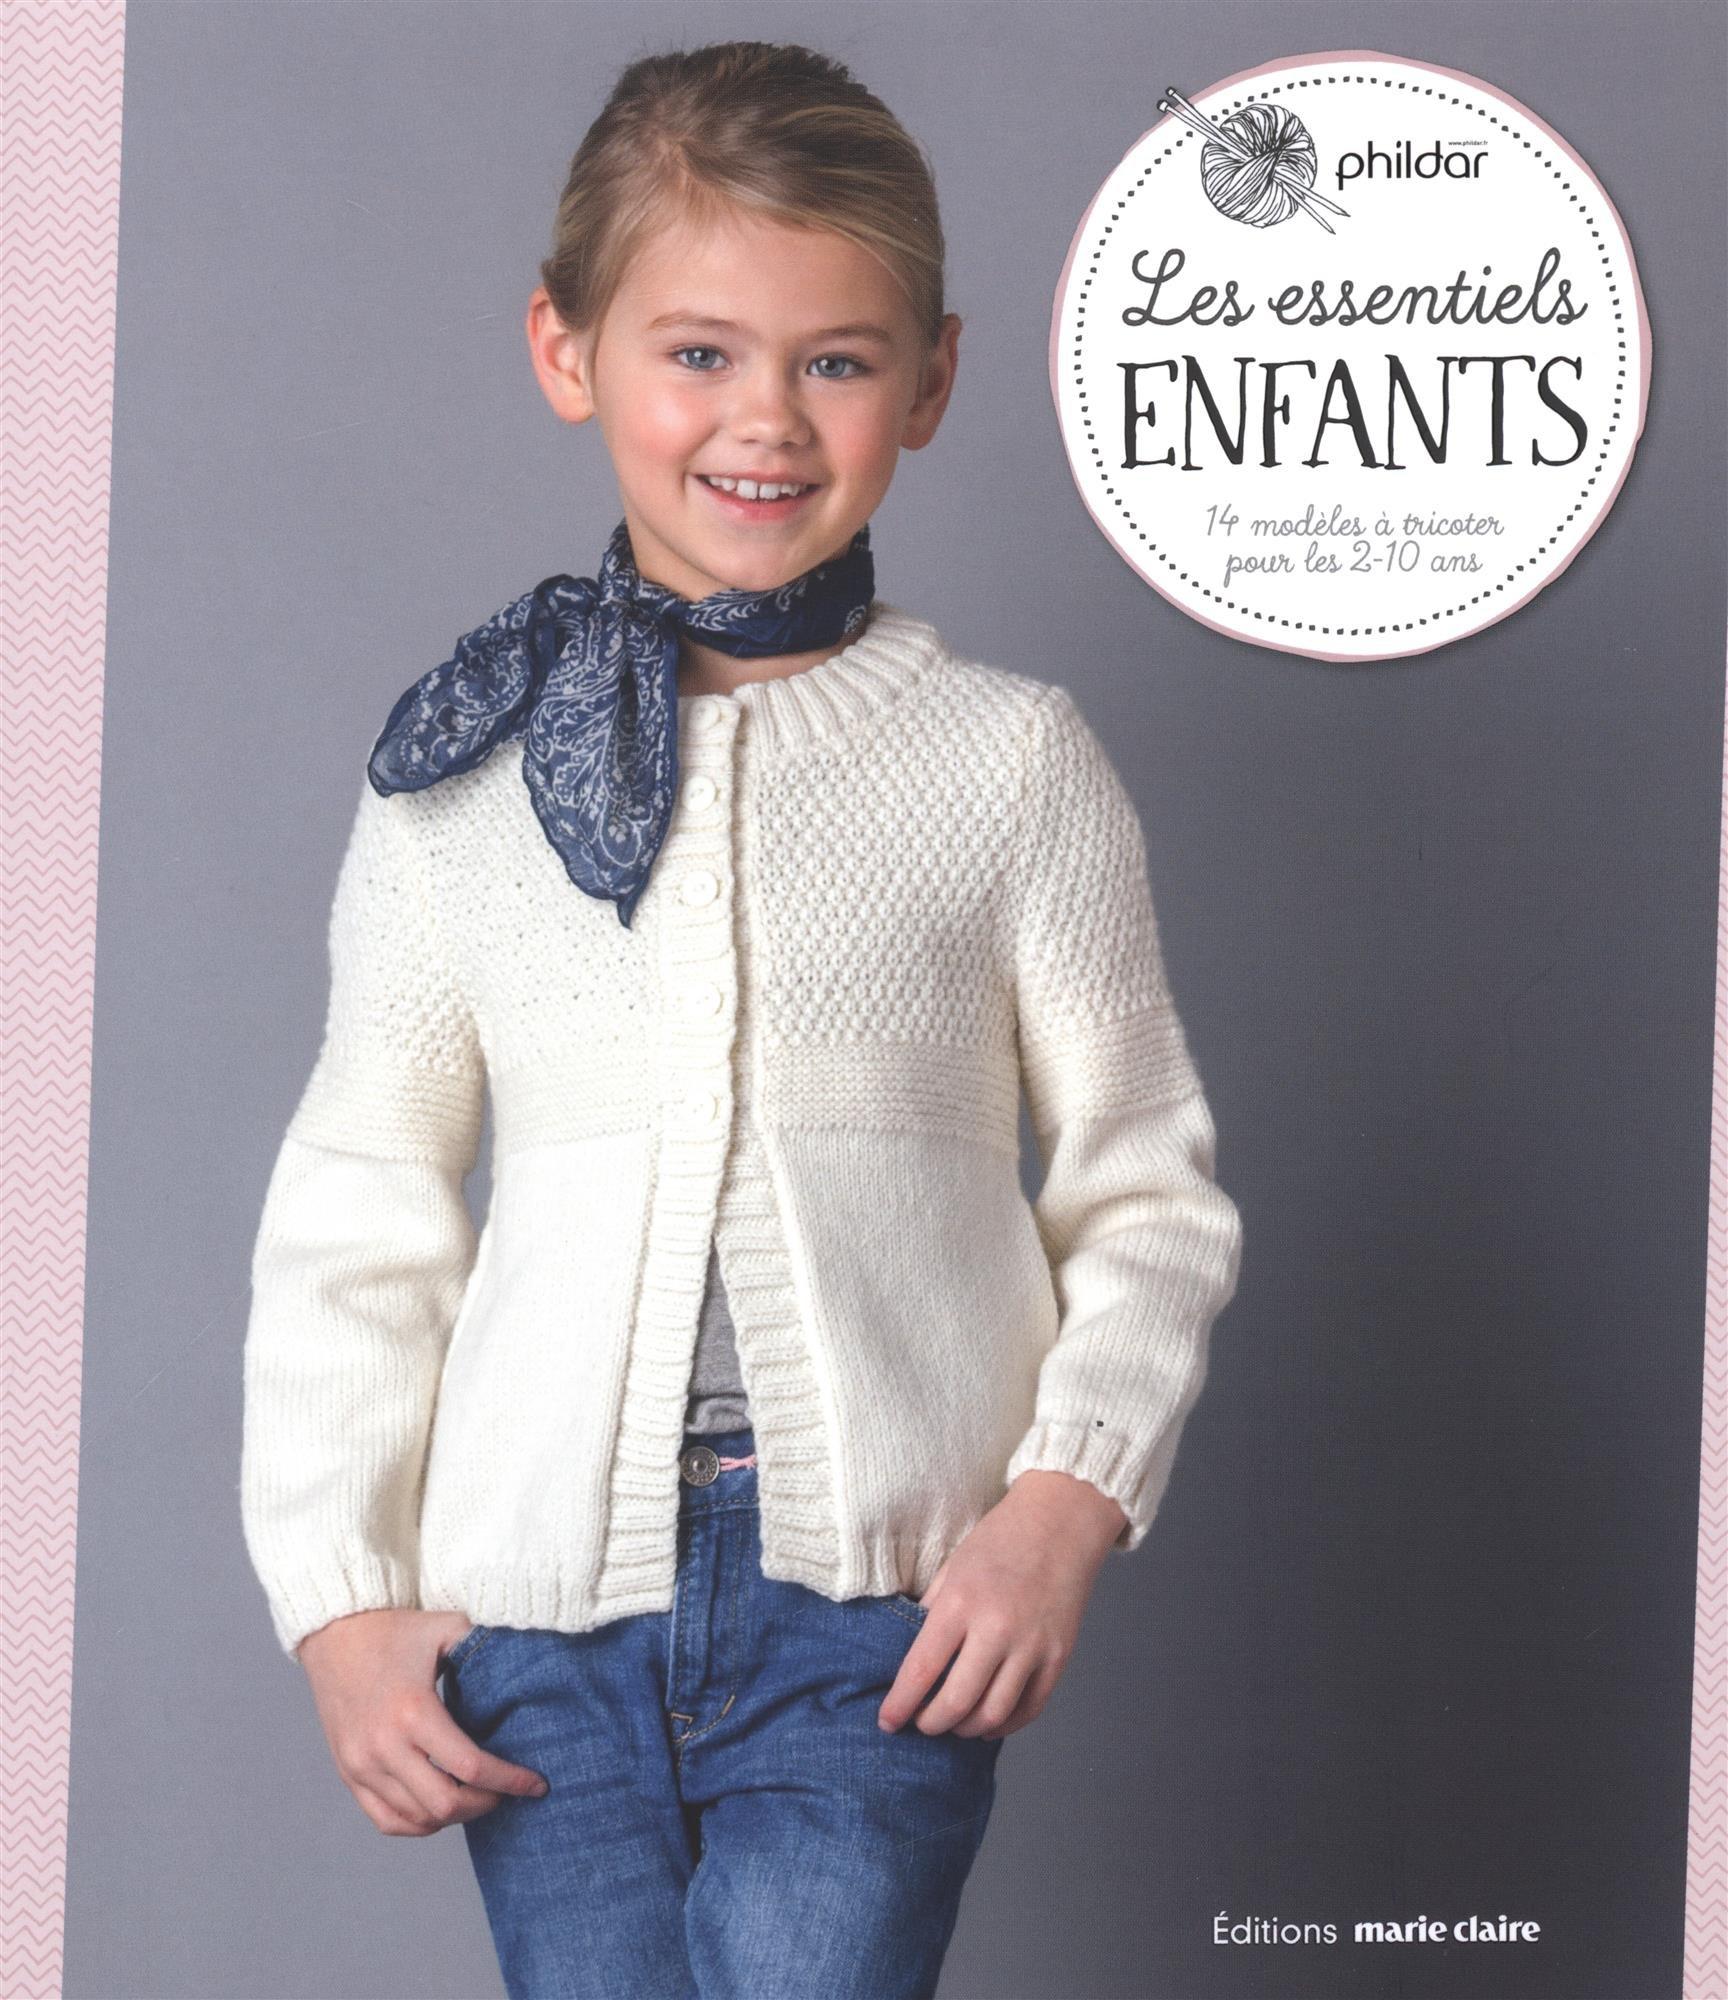 Amazon.fr - Les essentiels enfants   14 modèles à tricoter pour les 2-10  ans - Phildar, Kathrin Lezinsky, Pierre Nicou - Livres cb7c562bfb6